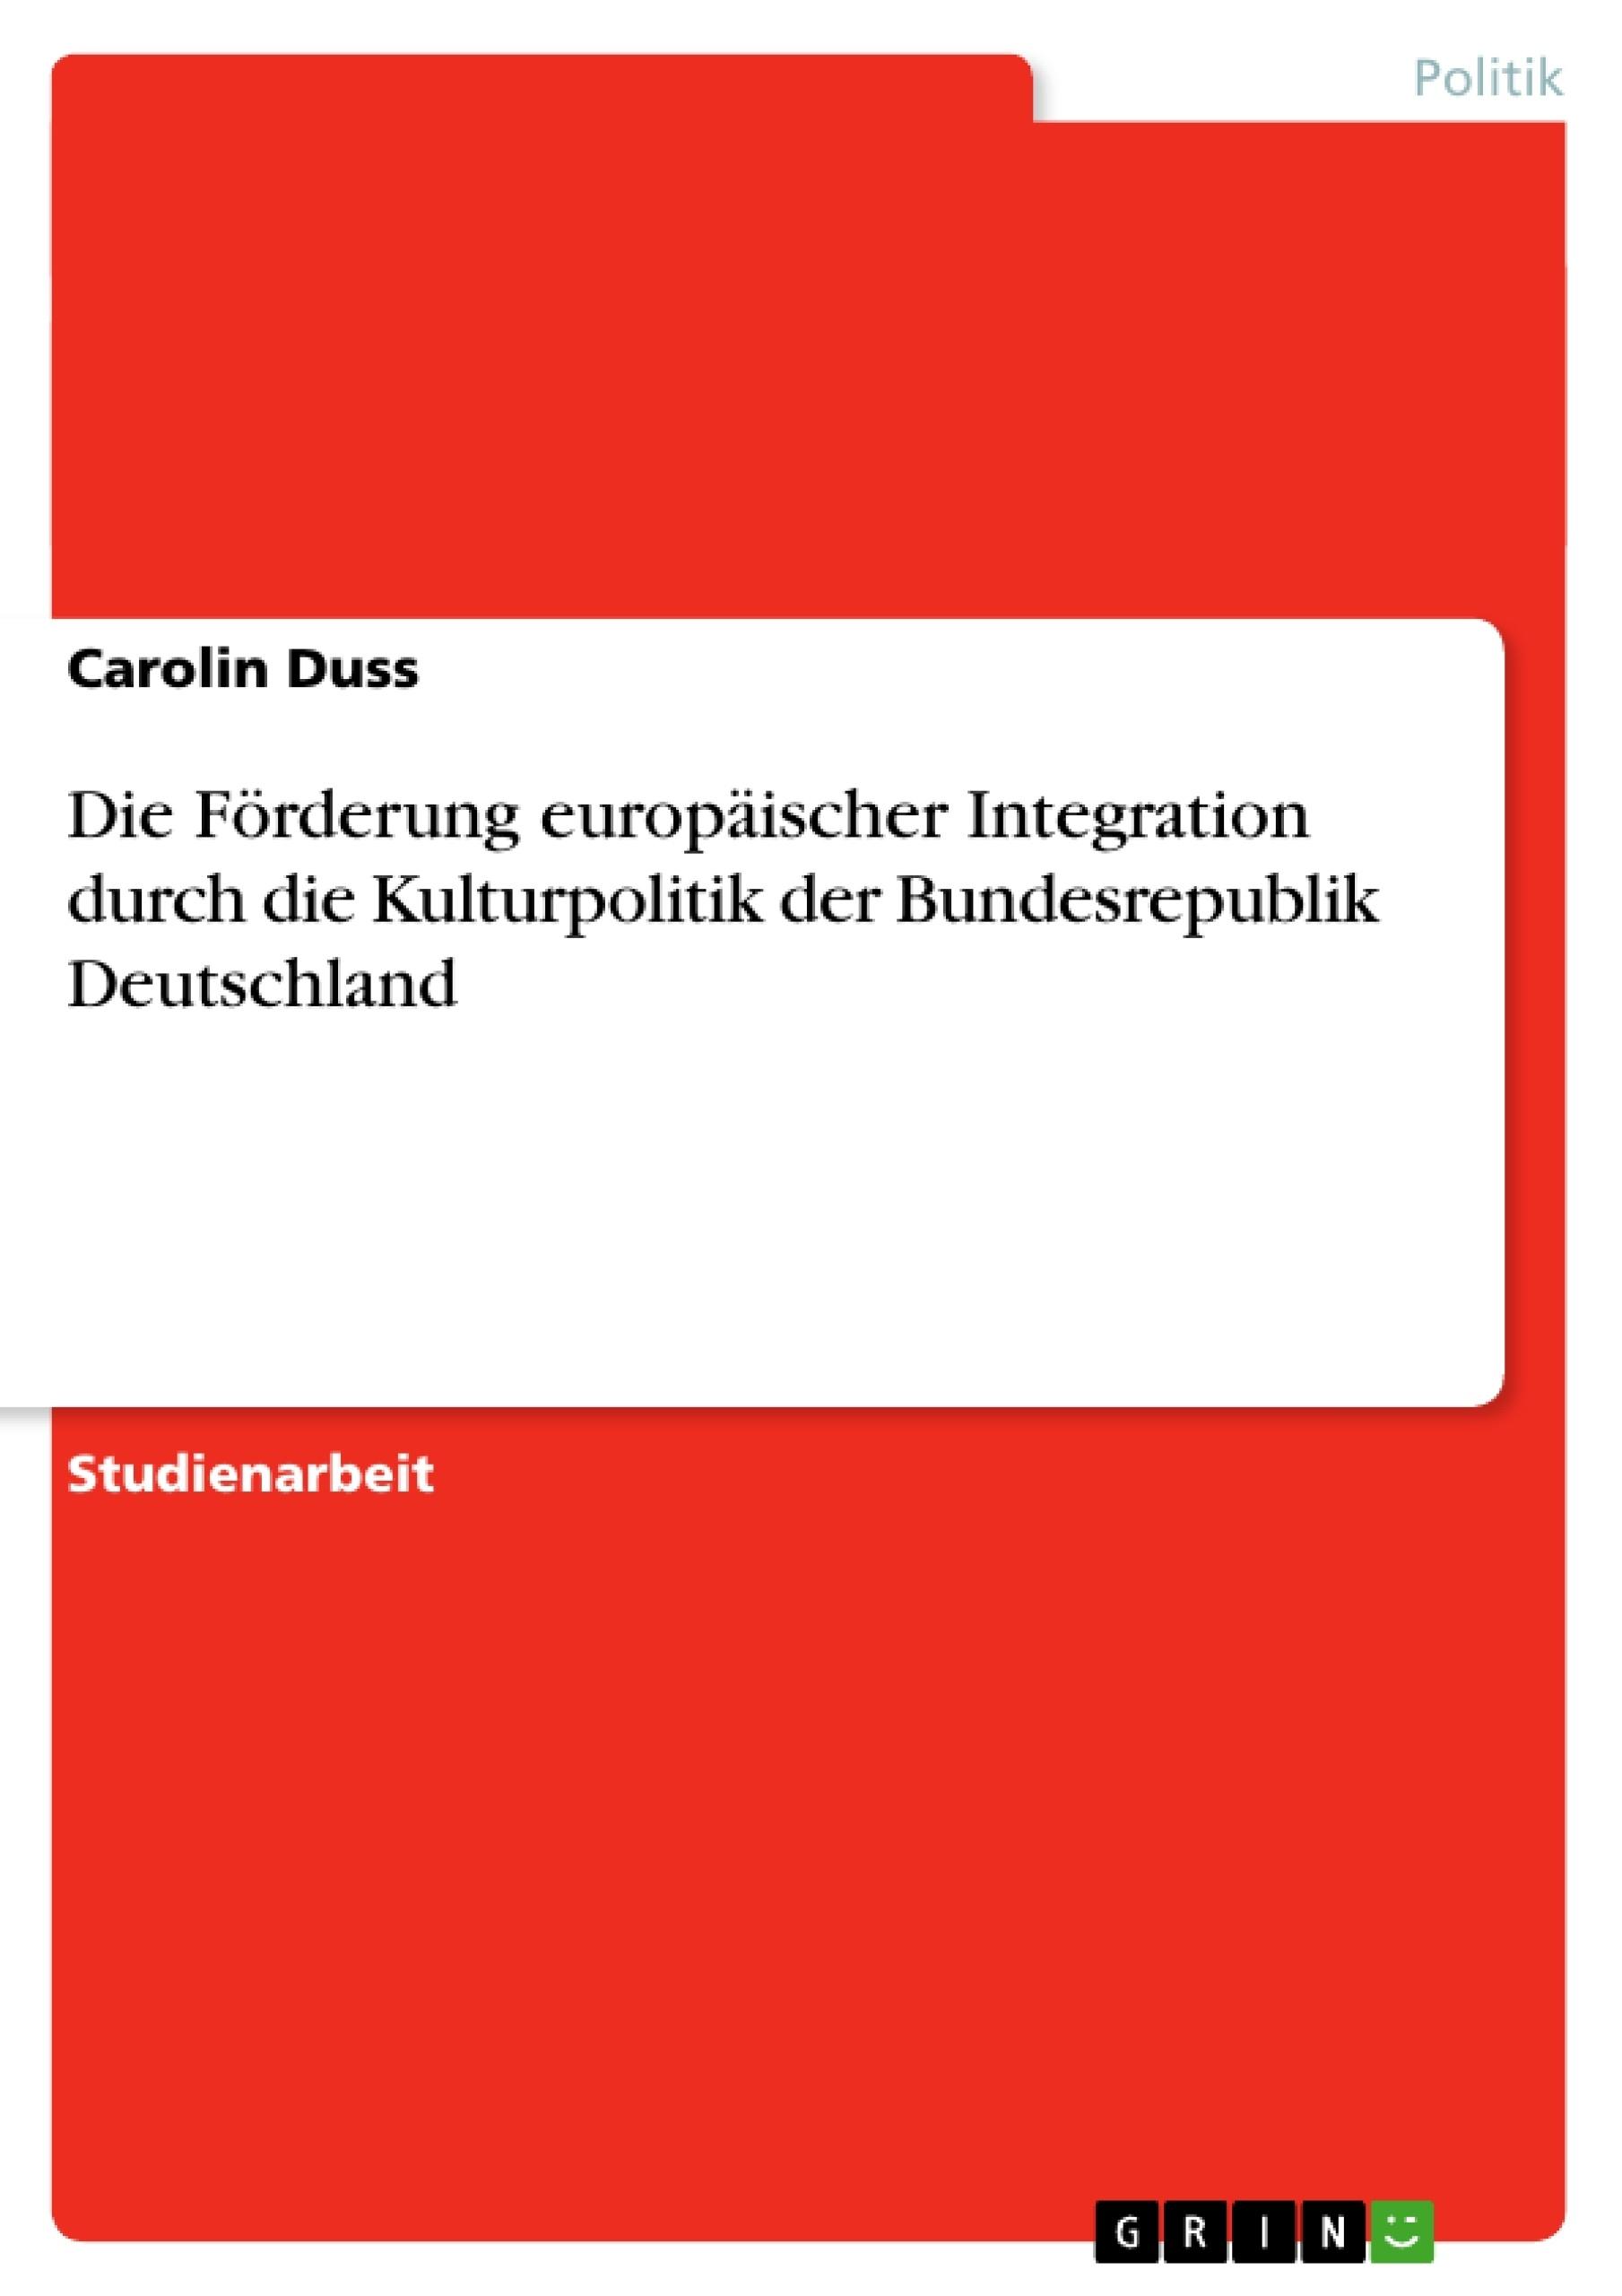 Titel: Die Förderung europäischer Integration durch die Kulturpolitik der Bundesrepublik Deutschland